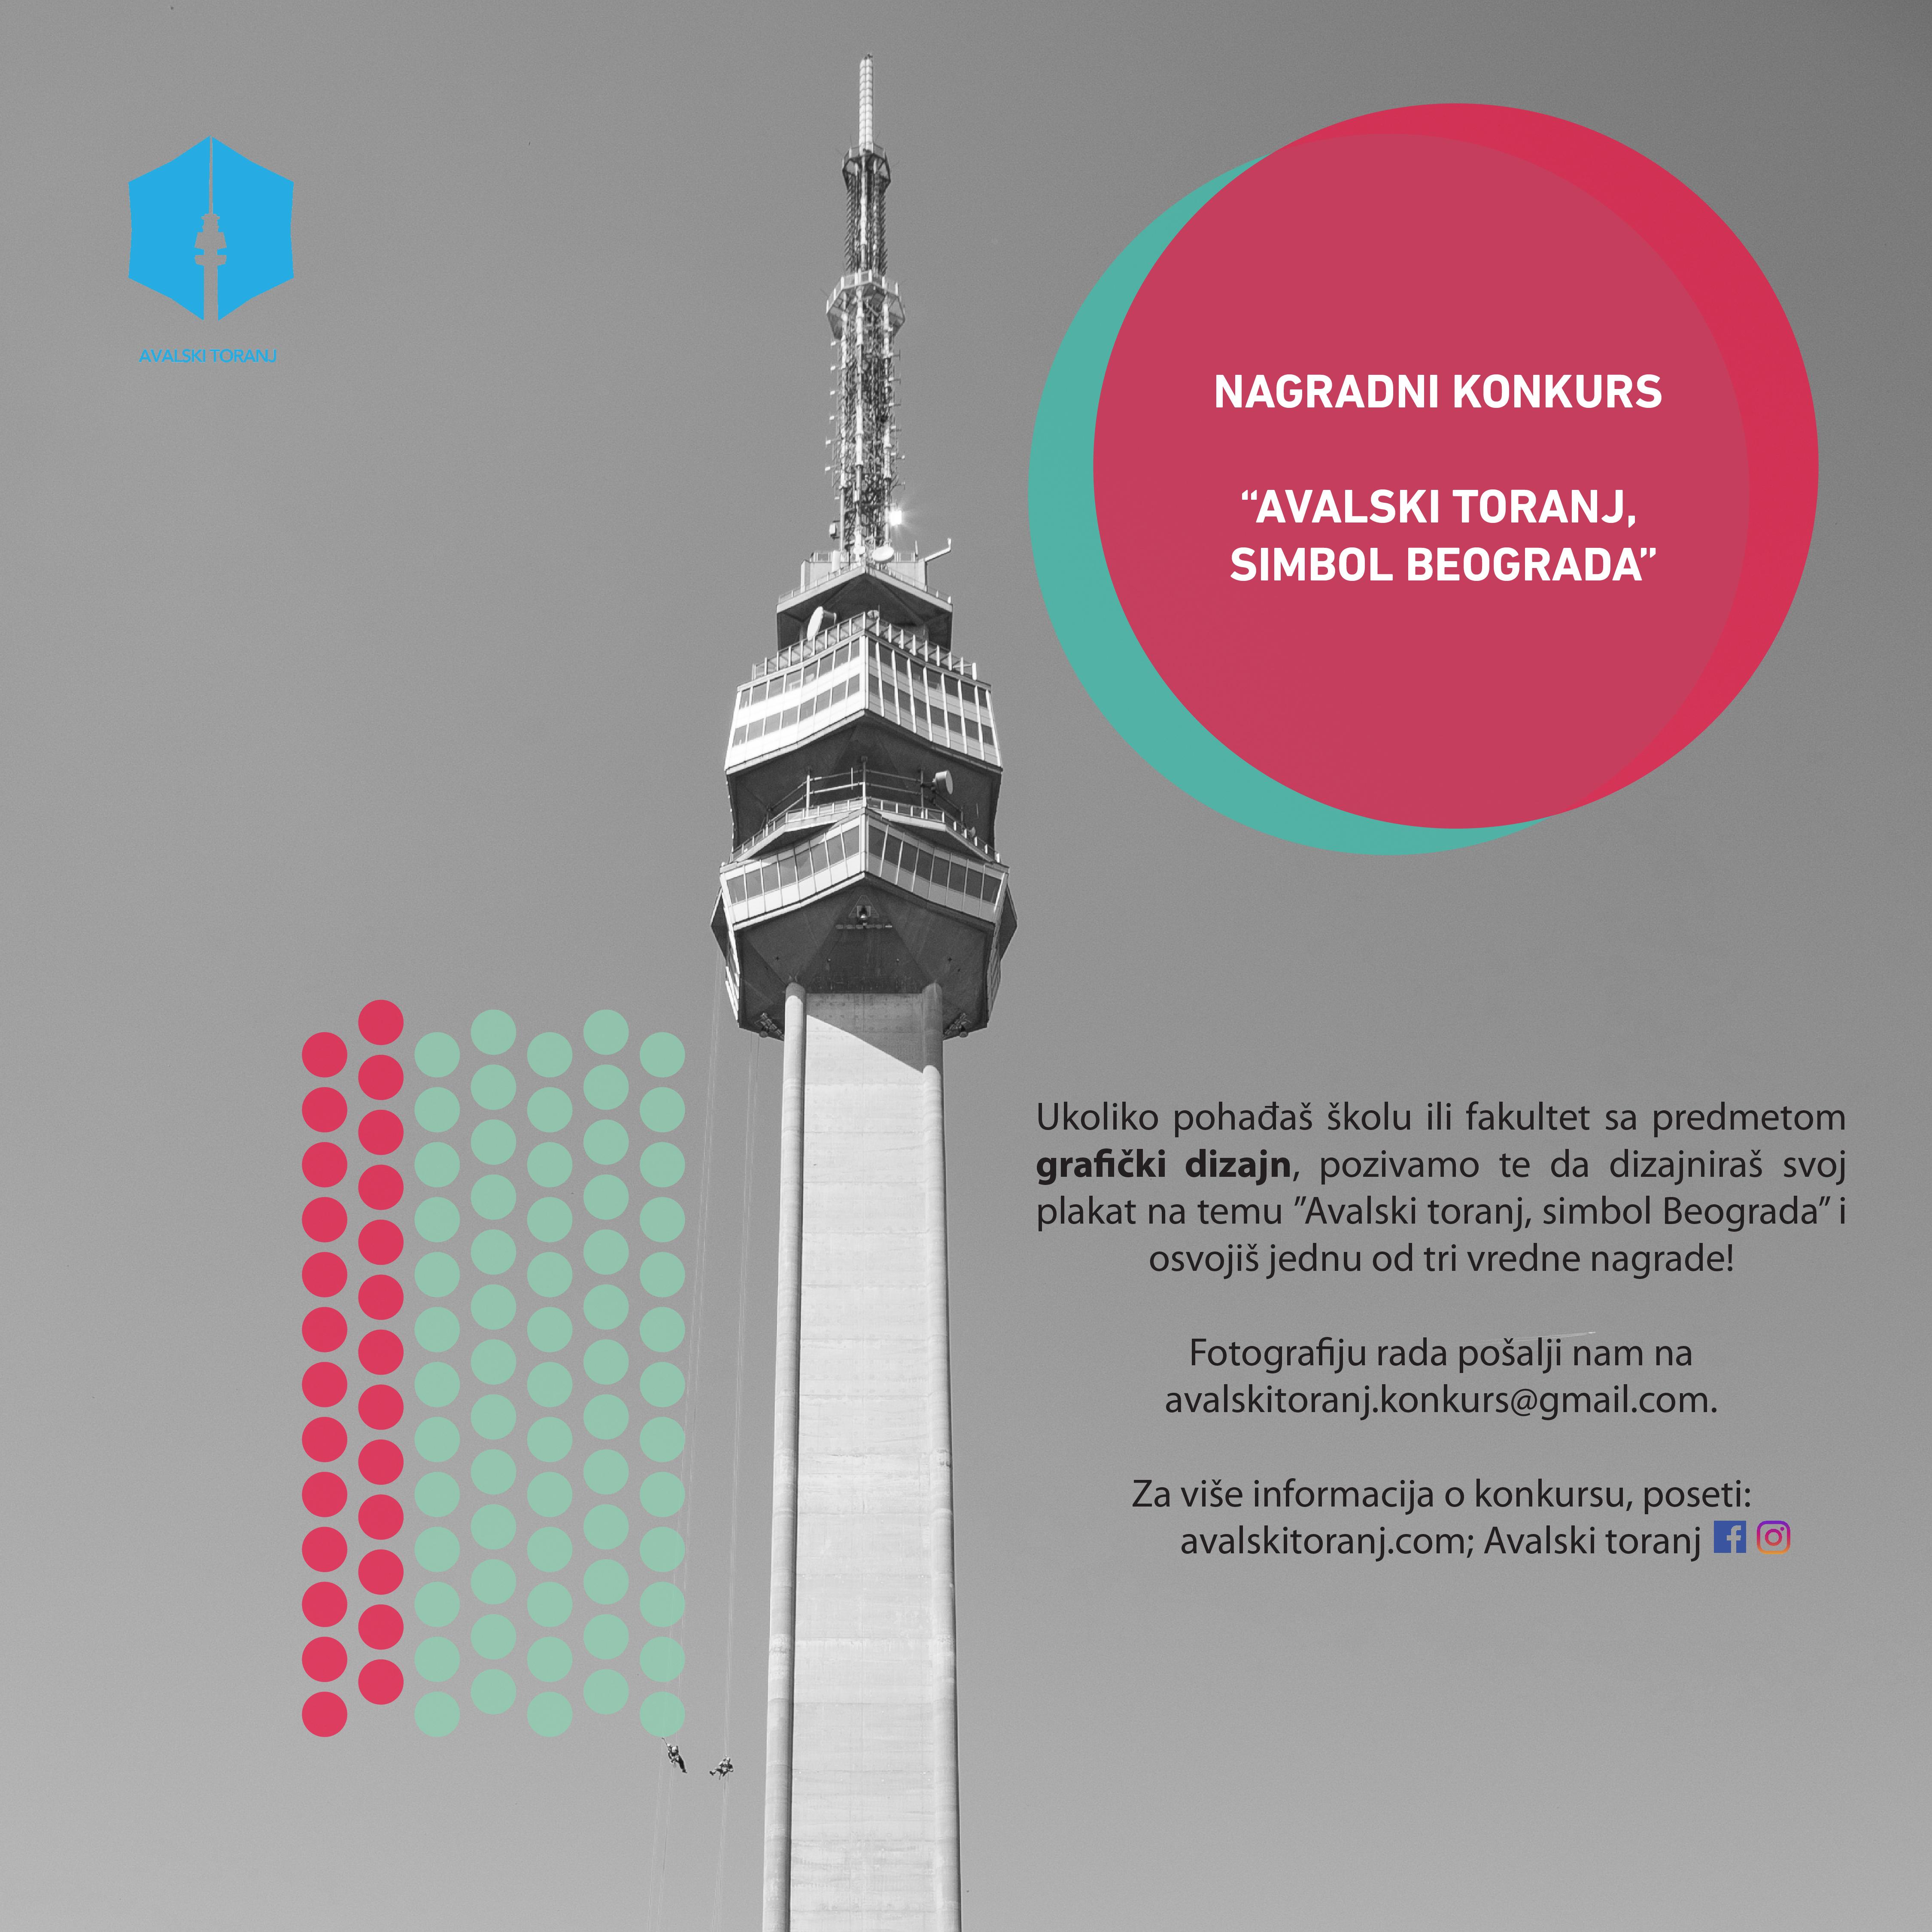 Nagradni konkurs - Avalski toranj, simbol Beograda - grafički dizajn